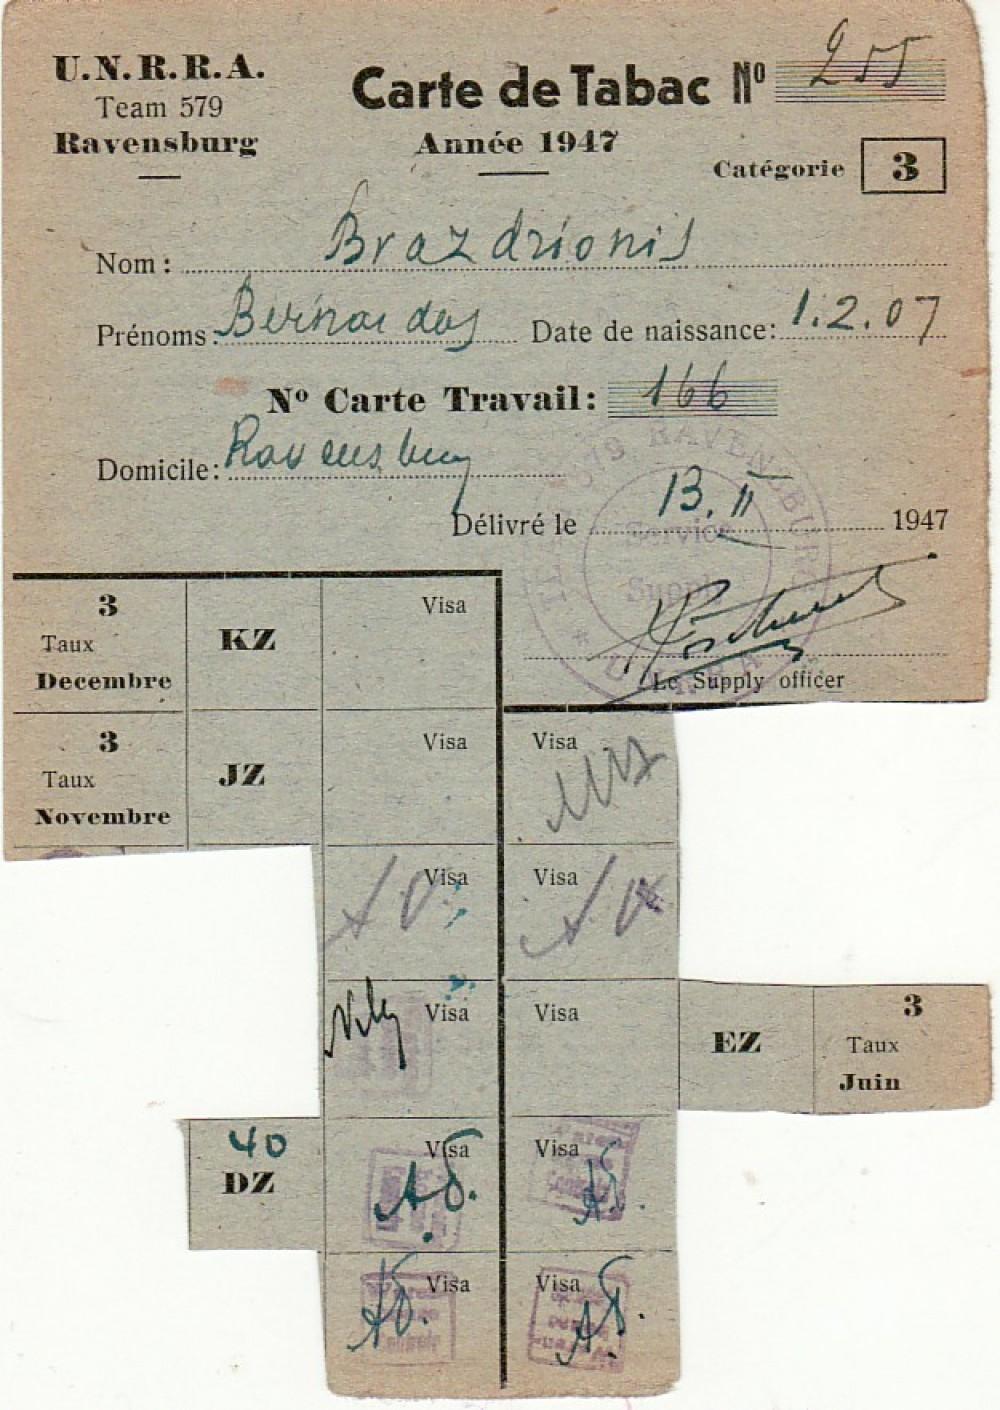 B. Brazdžionio tabako kortelė Nr. 255, išduota Ravensburke 1947 m. vasario 13 d.